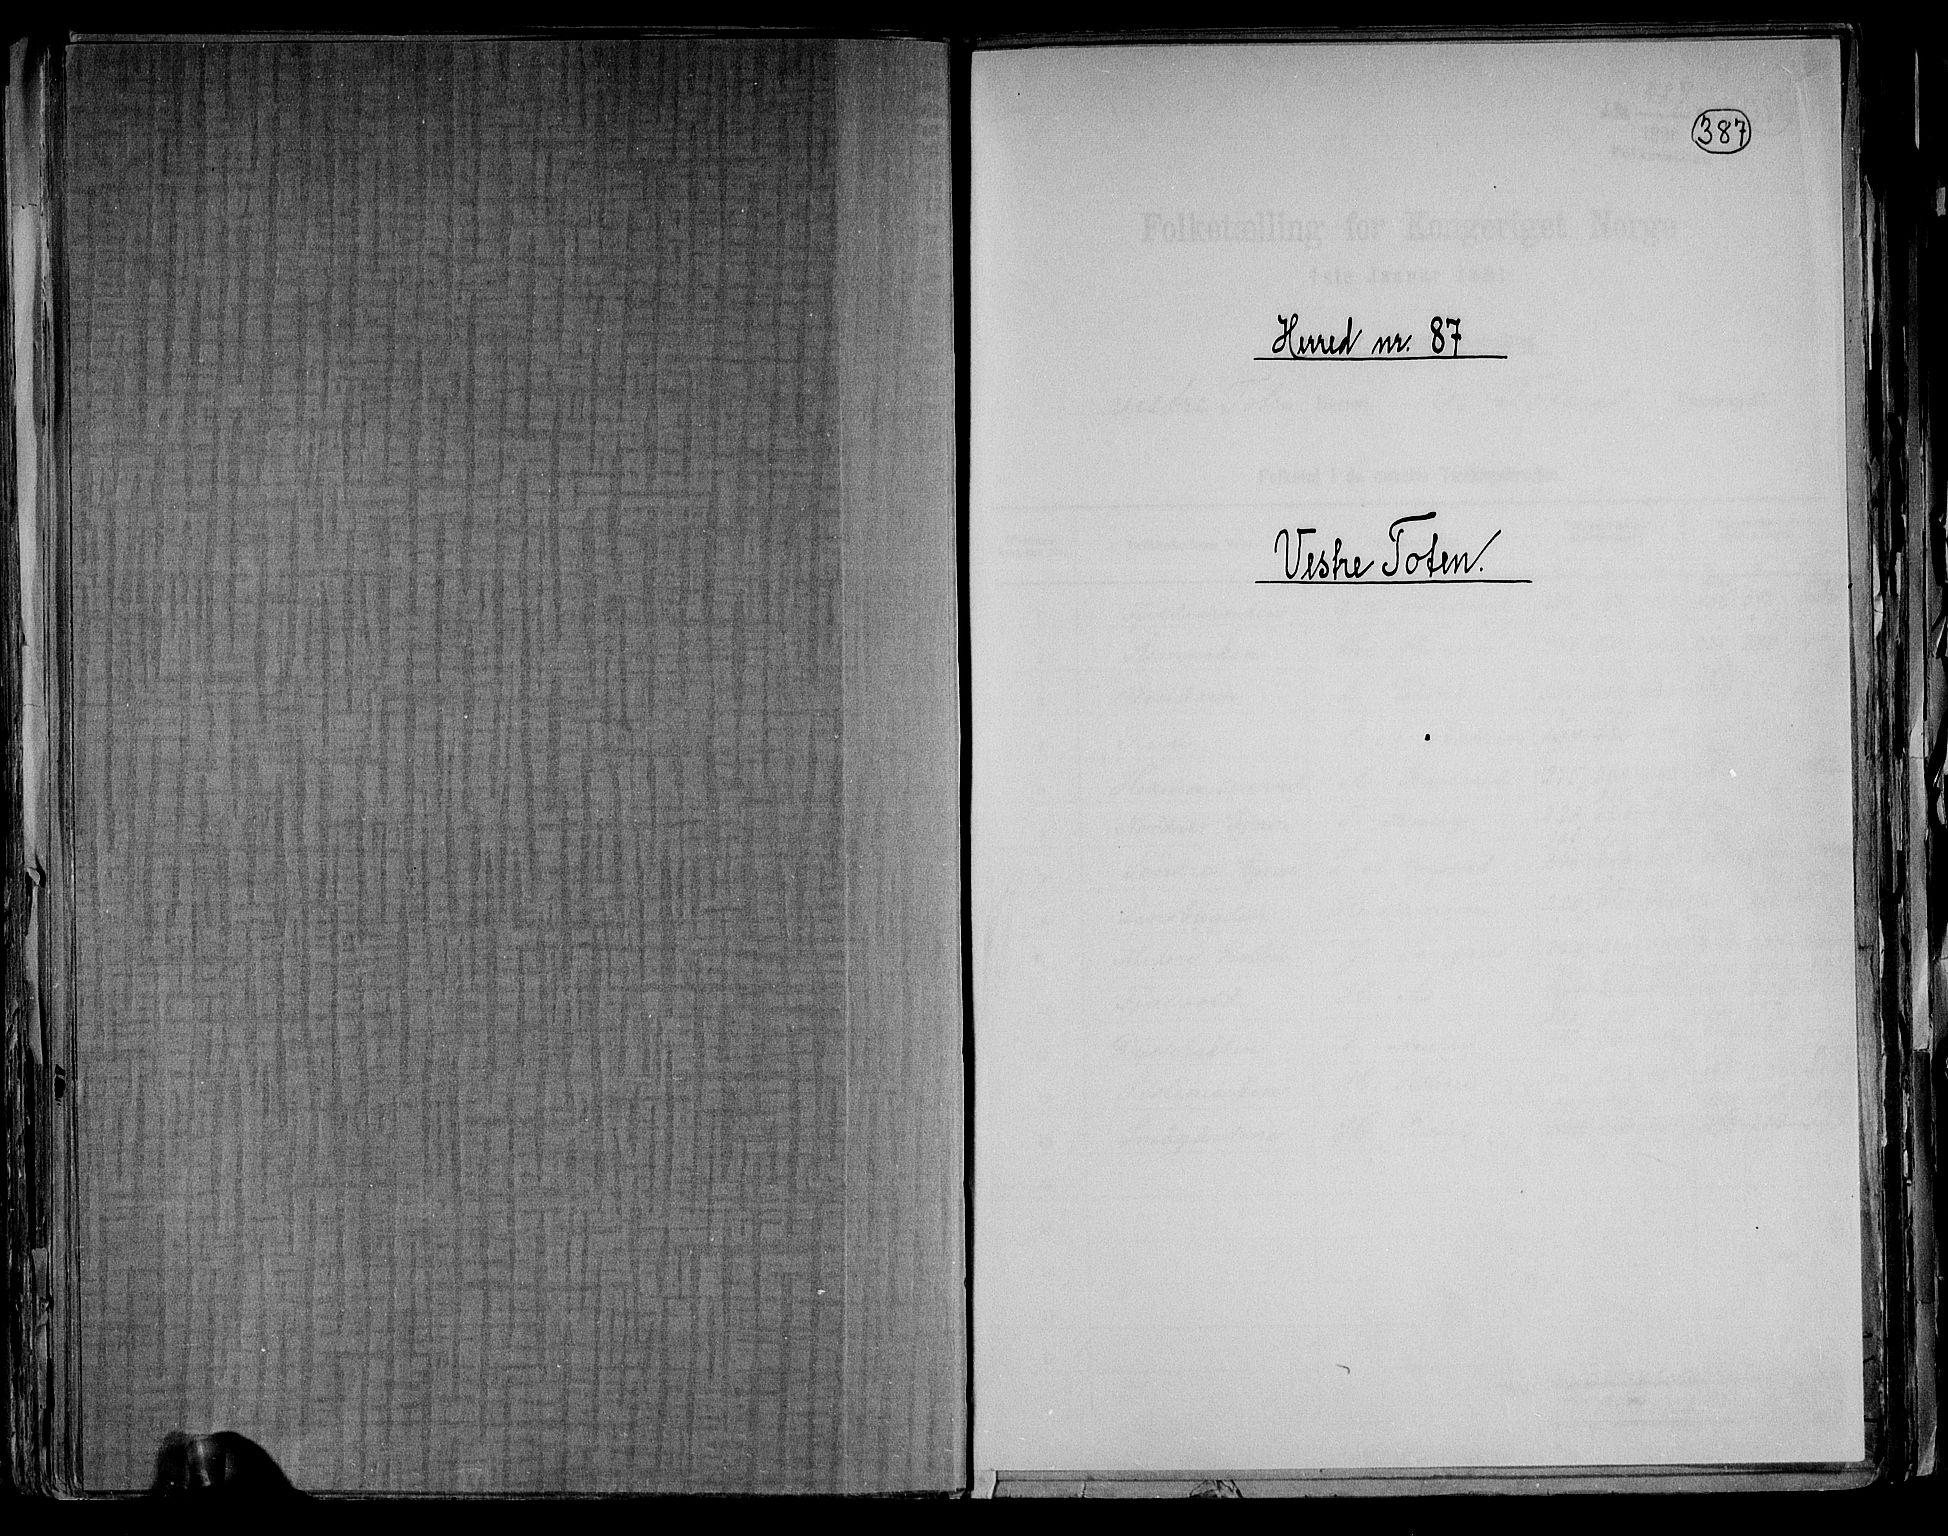 RA, Folketelling 1891 for 0529 Vestre Toten herred, 1891, s. 1